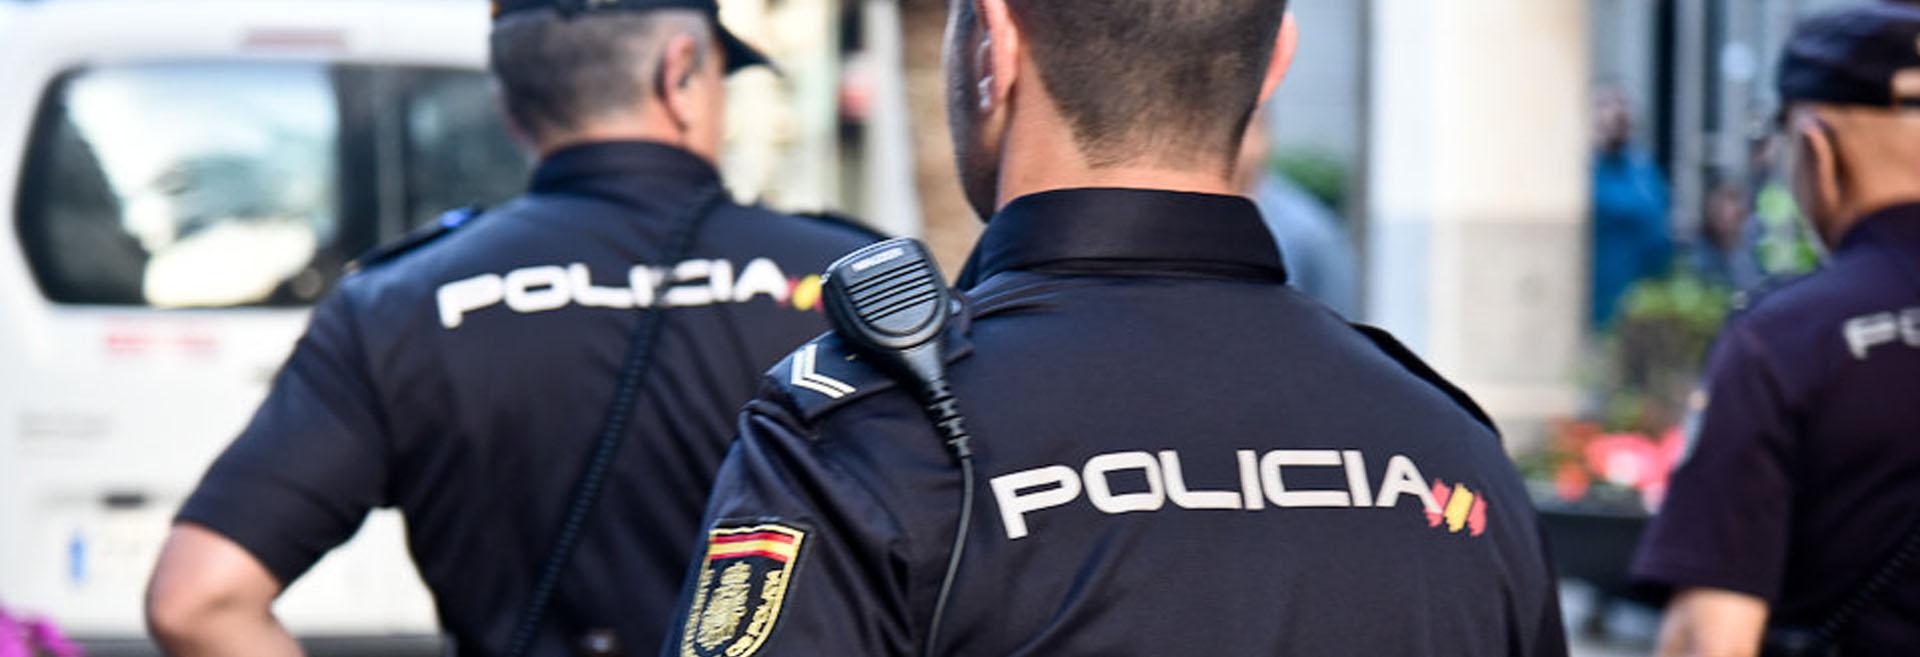 academia-oposiciones-policia-nacional-guadalajara-comaformacion